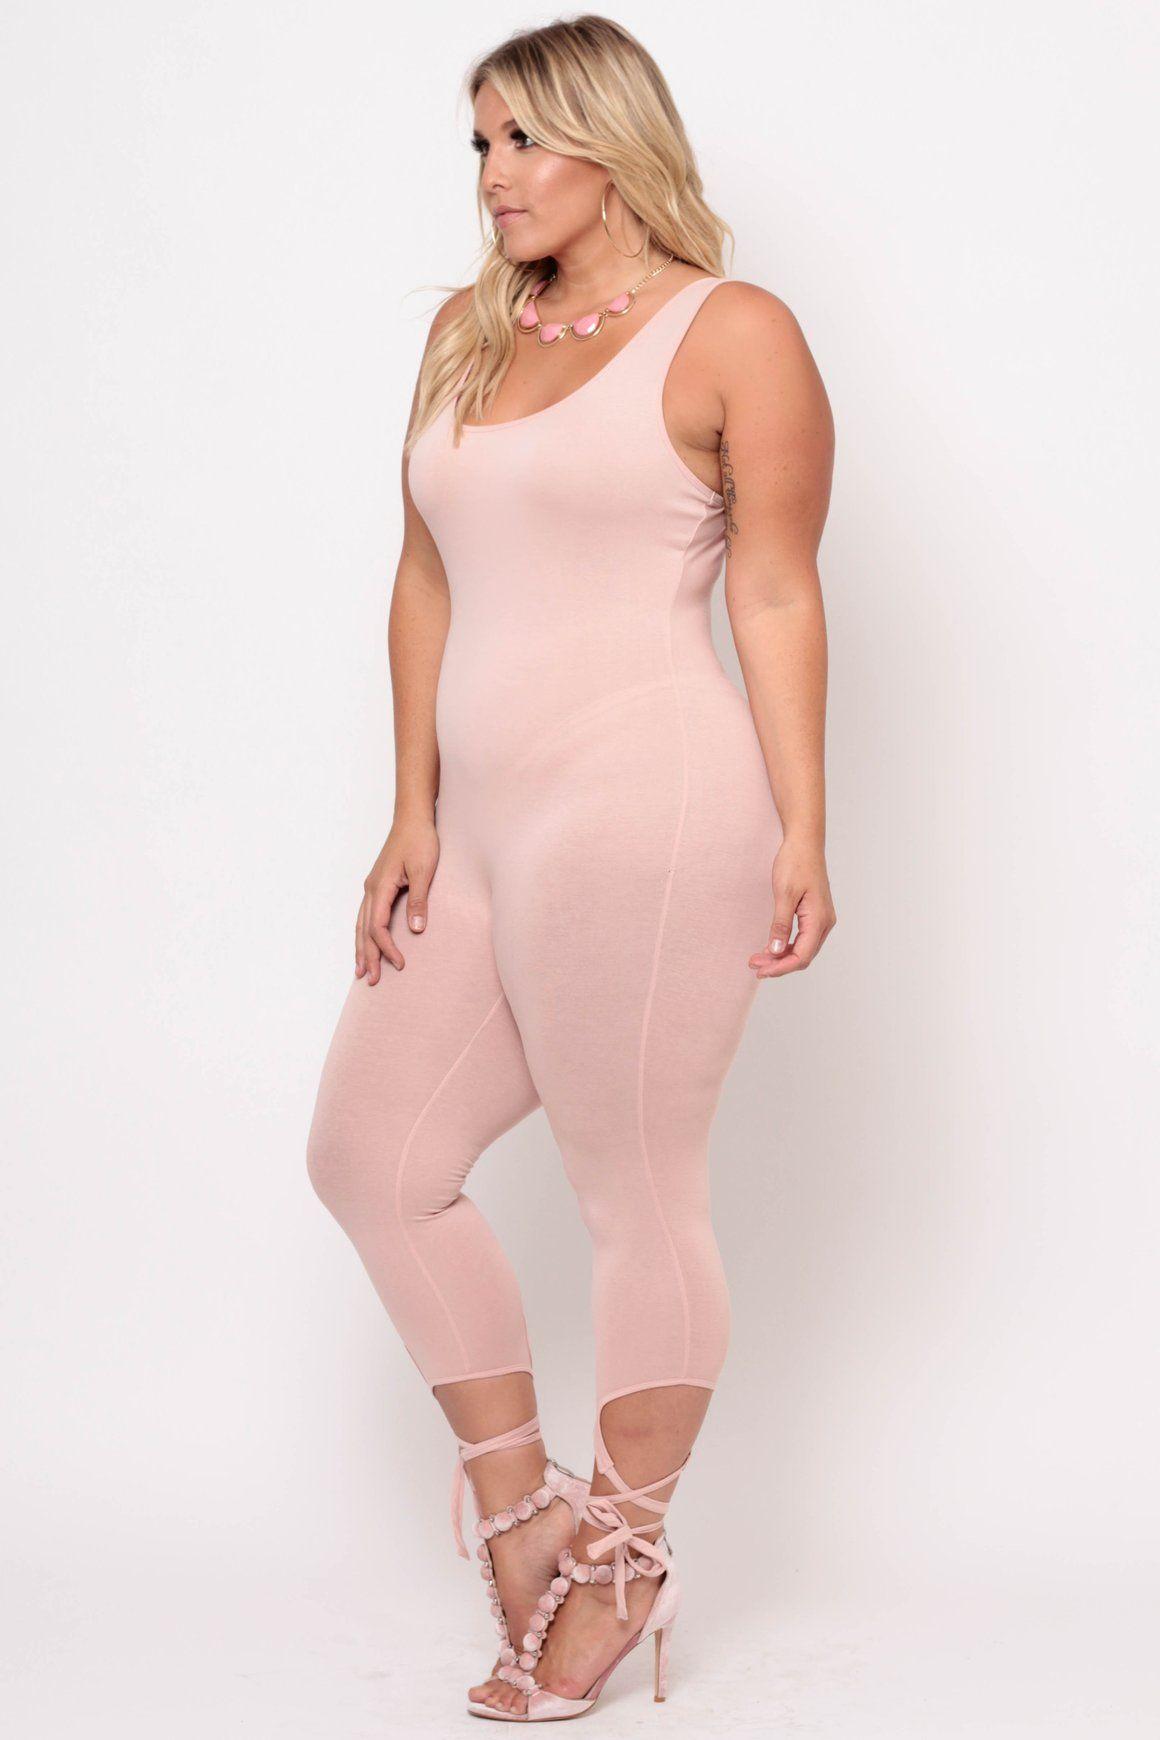 a5625652d8f  ballet  ballerina  plussize  plus  size  curvysense  curvy  curves   bodysuit  jumpsuit  lace  up  tie  wrap  crisscross  pink  sexy  fun  shop   retail